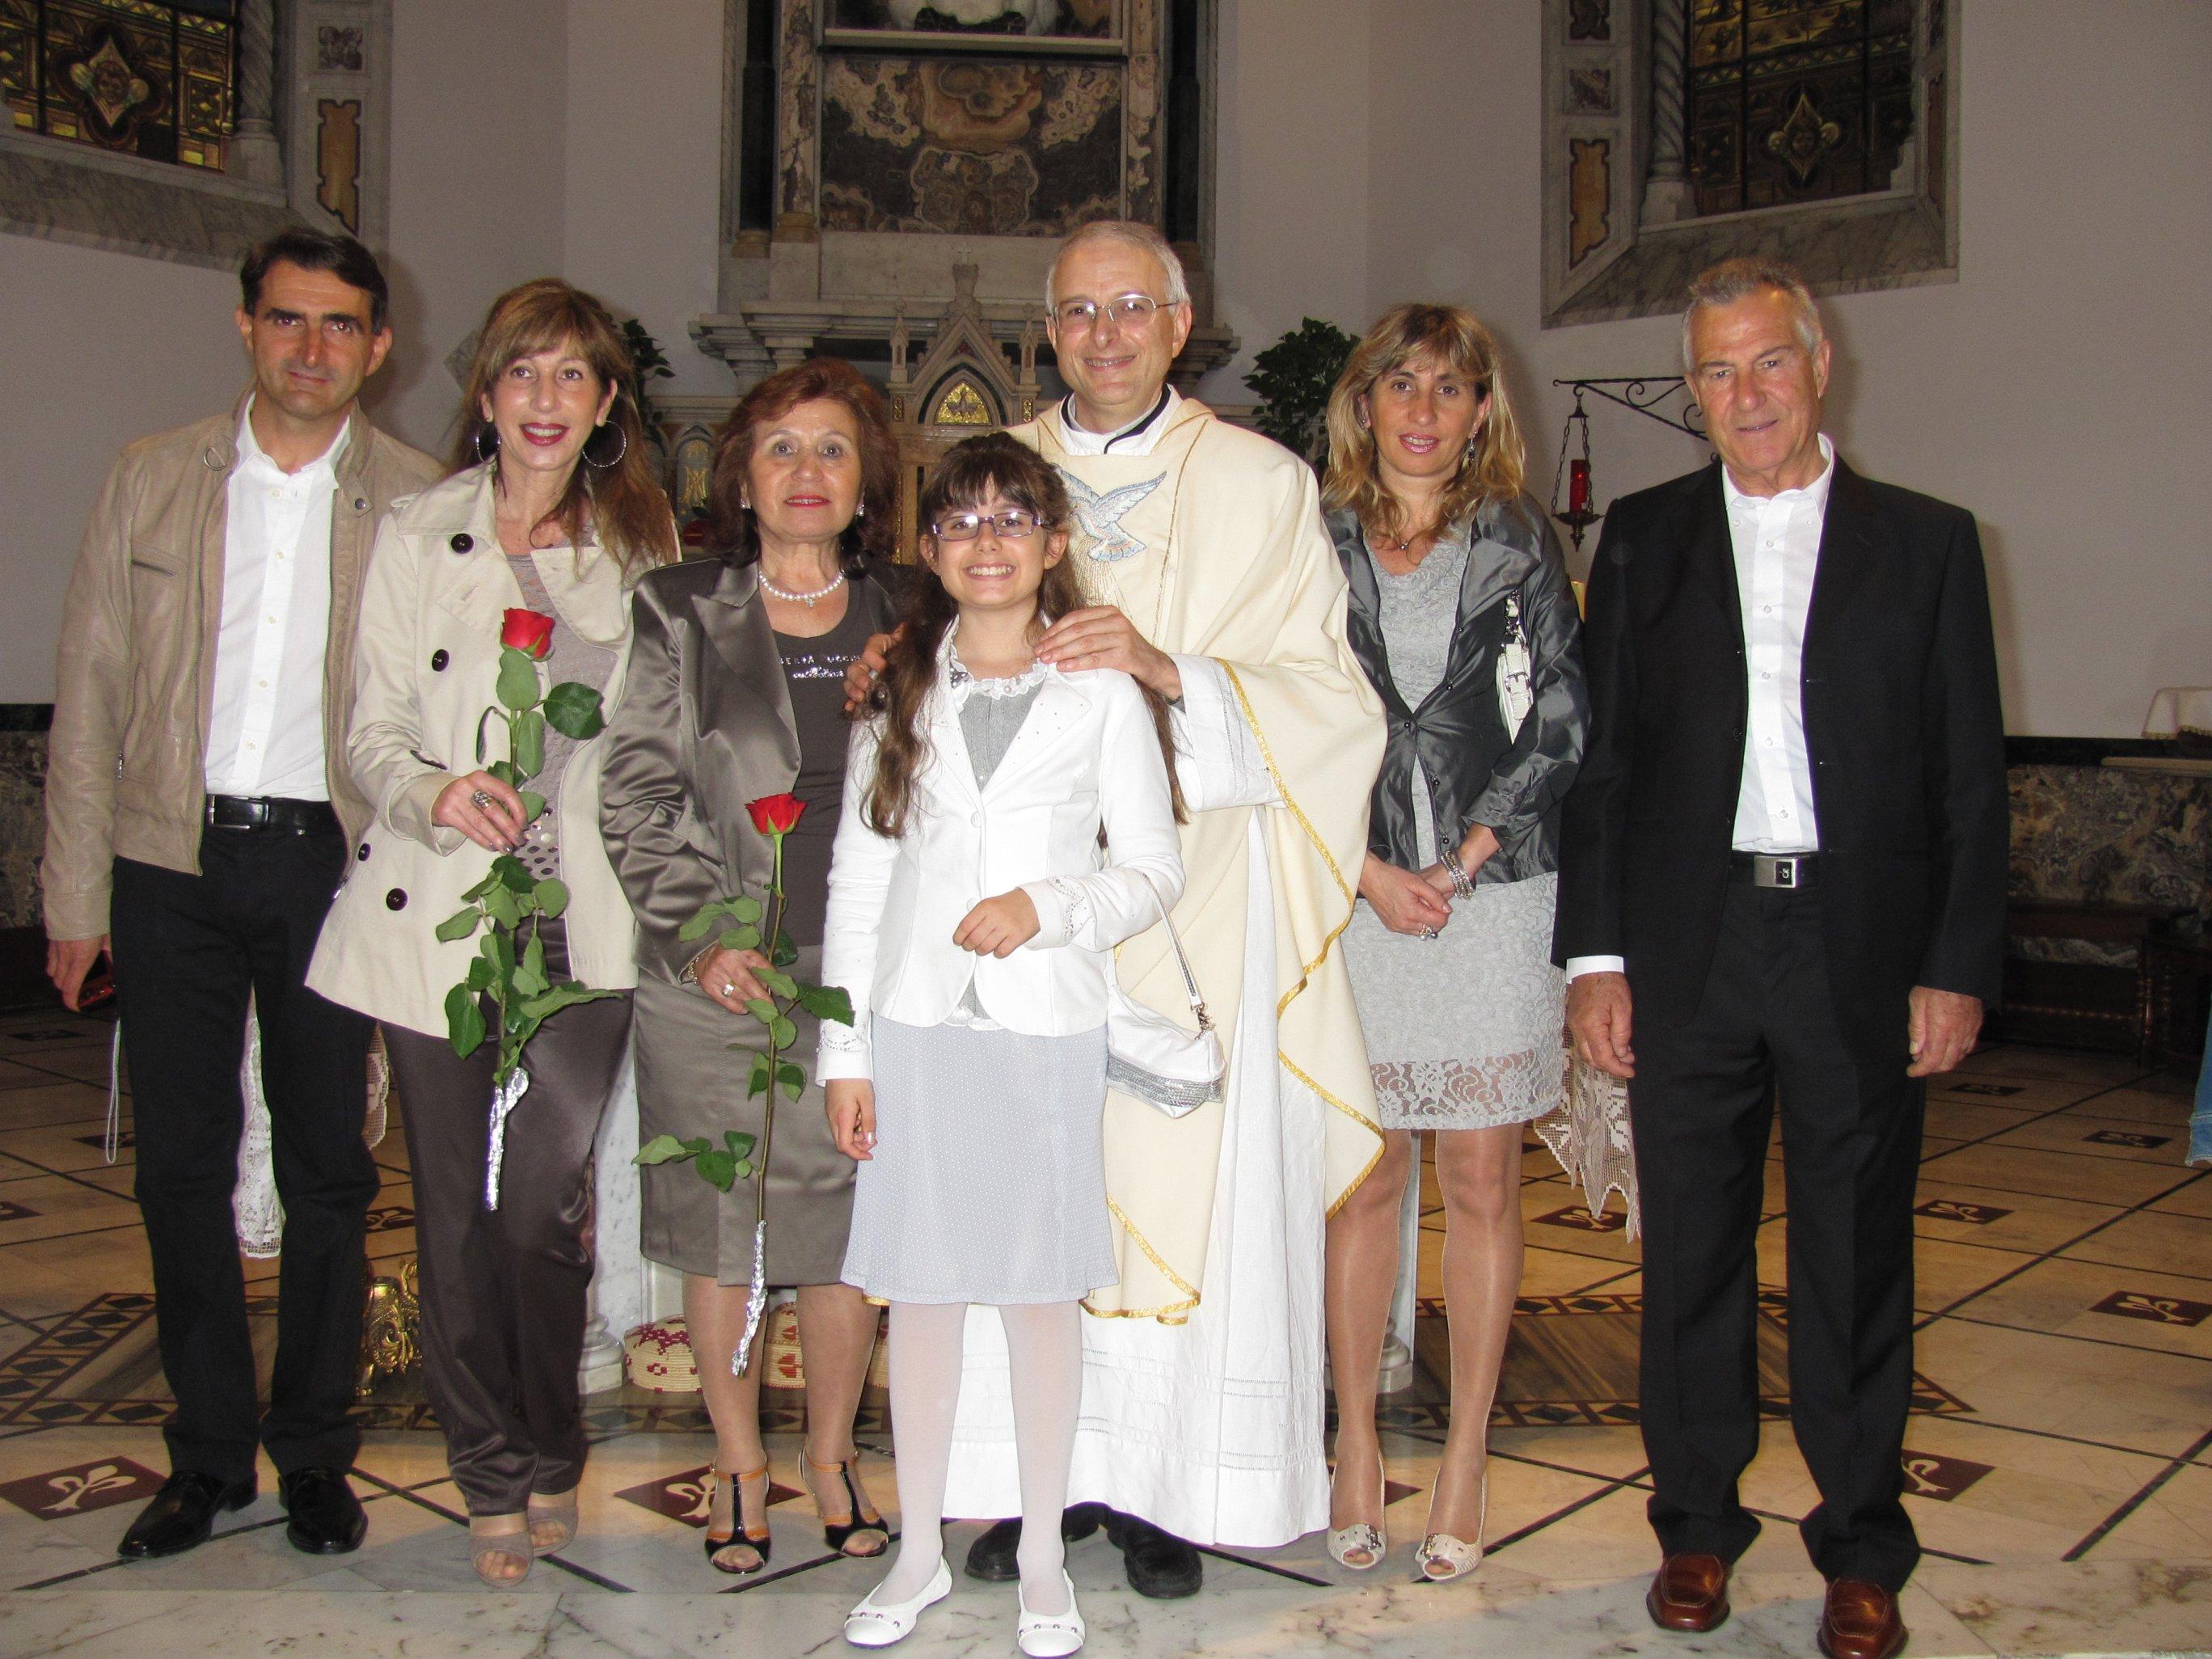 anniversari_di_matrimonio_e_di_ordinazione_2012-06-03-11-26-51